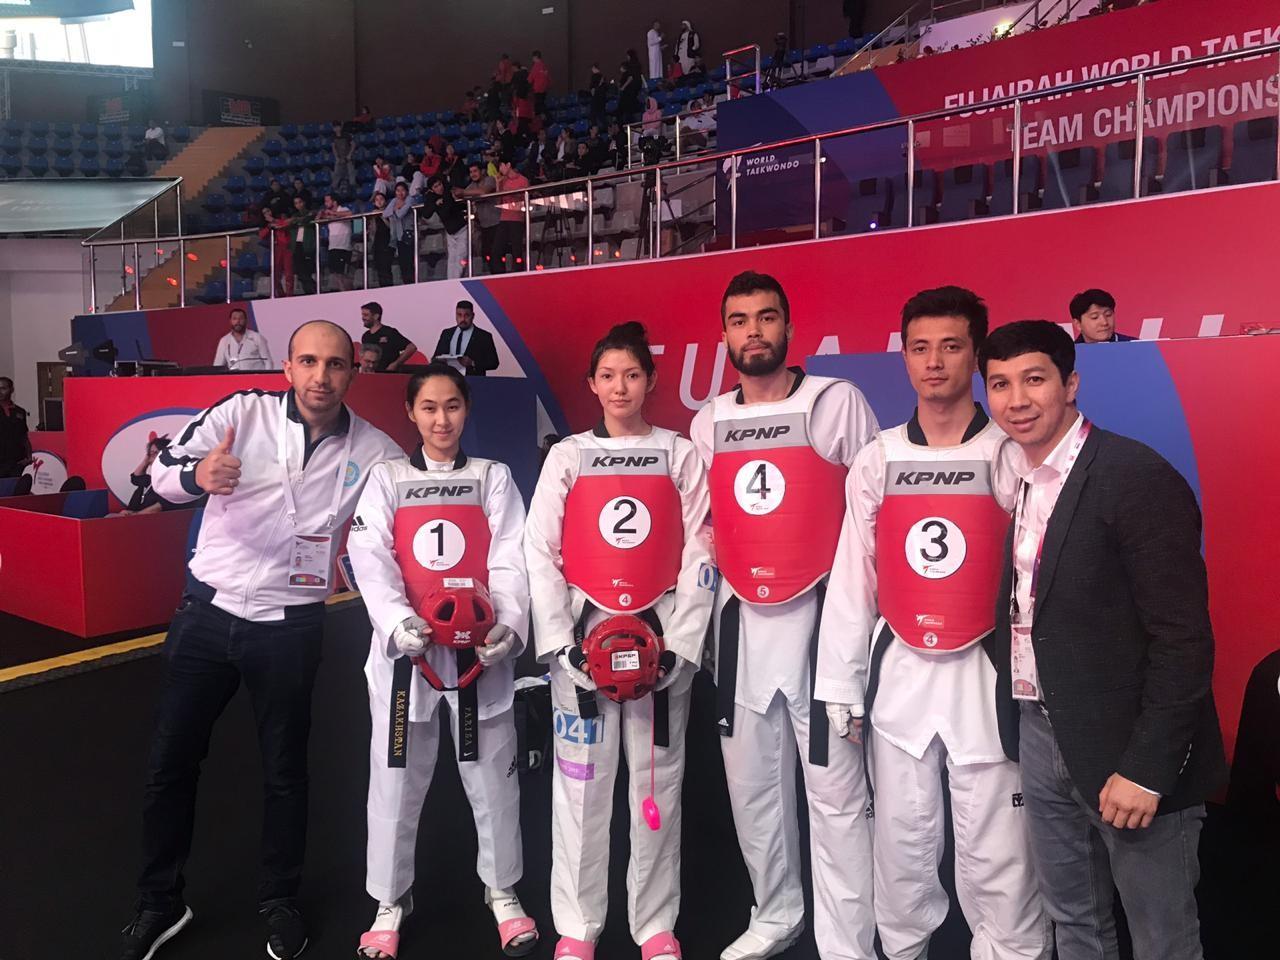 Командный Кубок мира по таеквондо: казахстанцы завоевали две медали